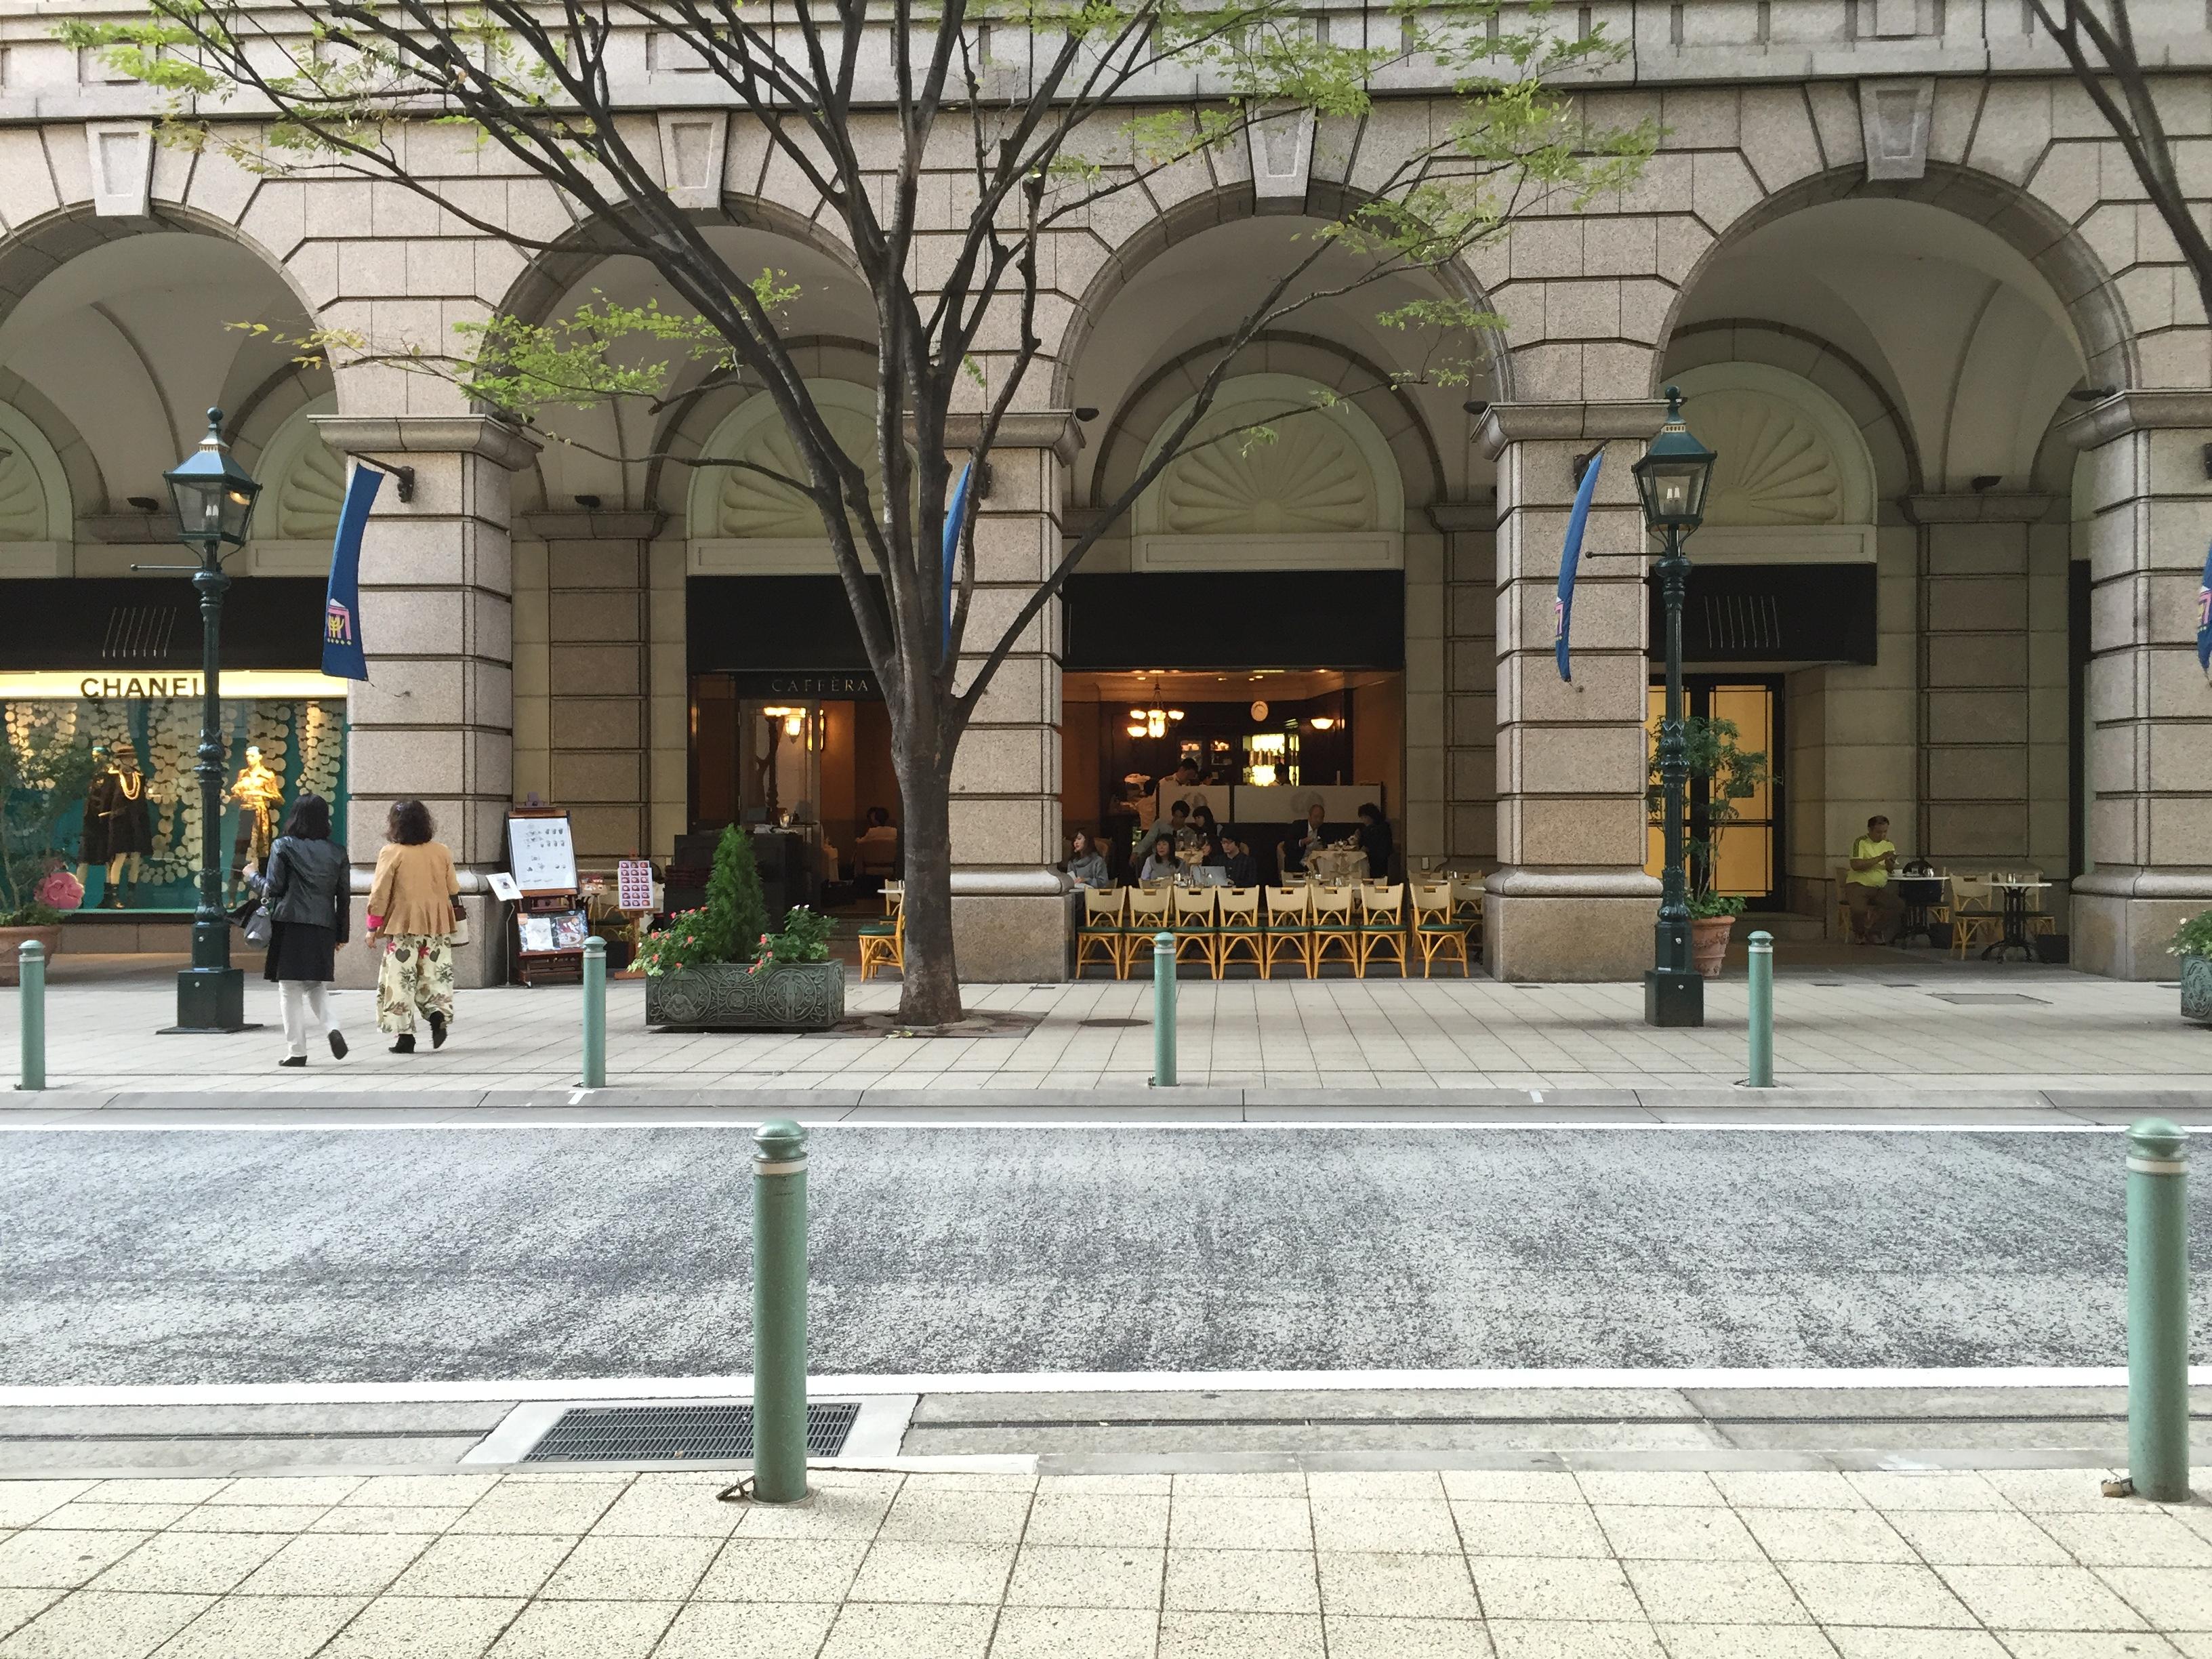 大丸神戸店のオープンカフェは街並みにもなっている